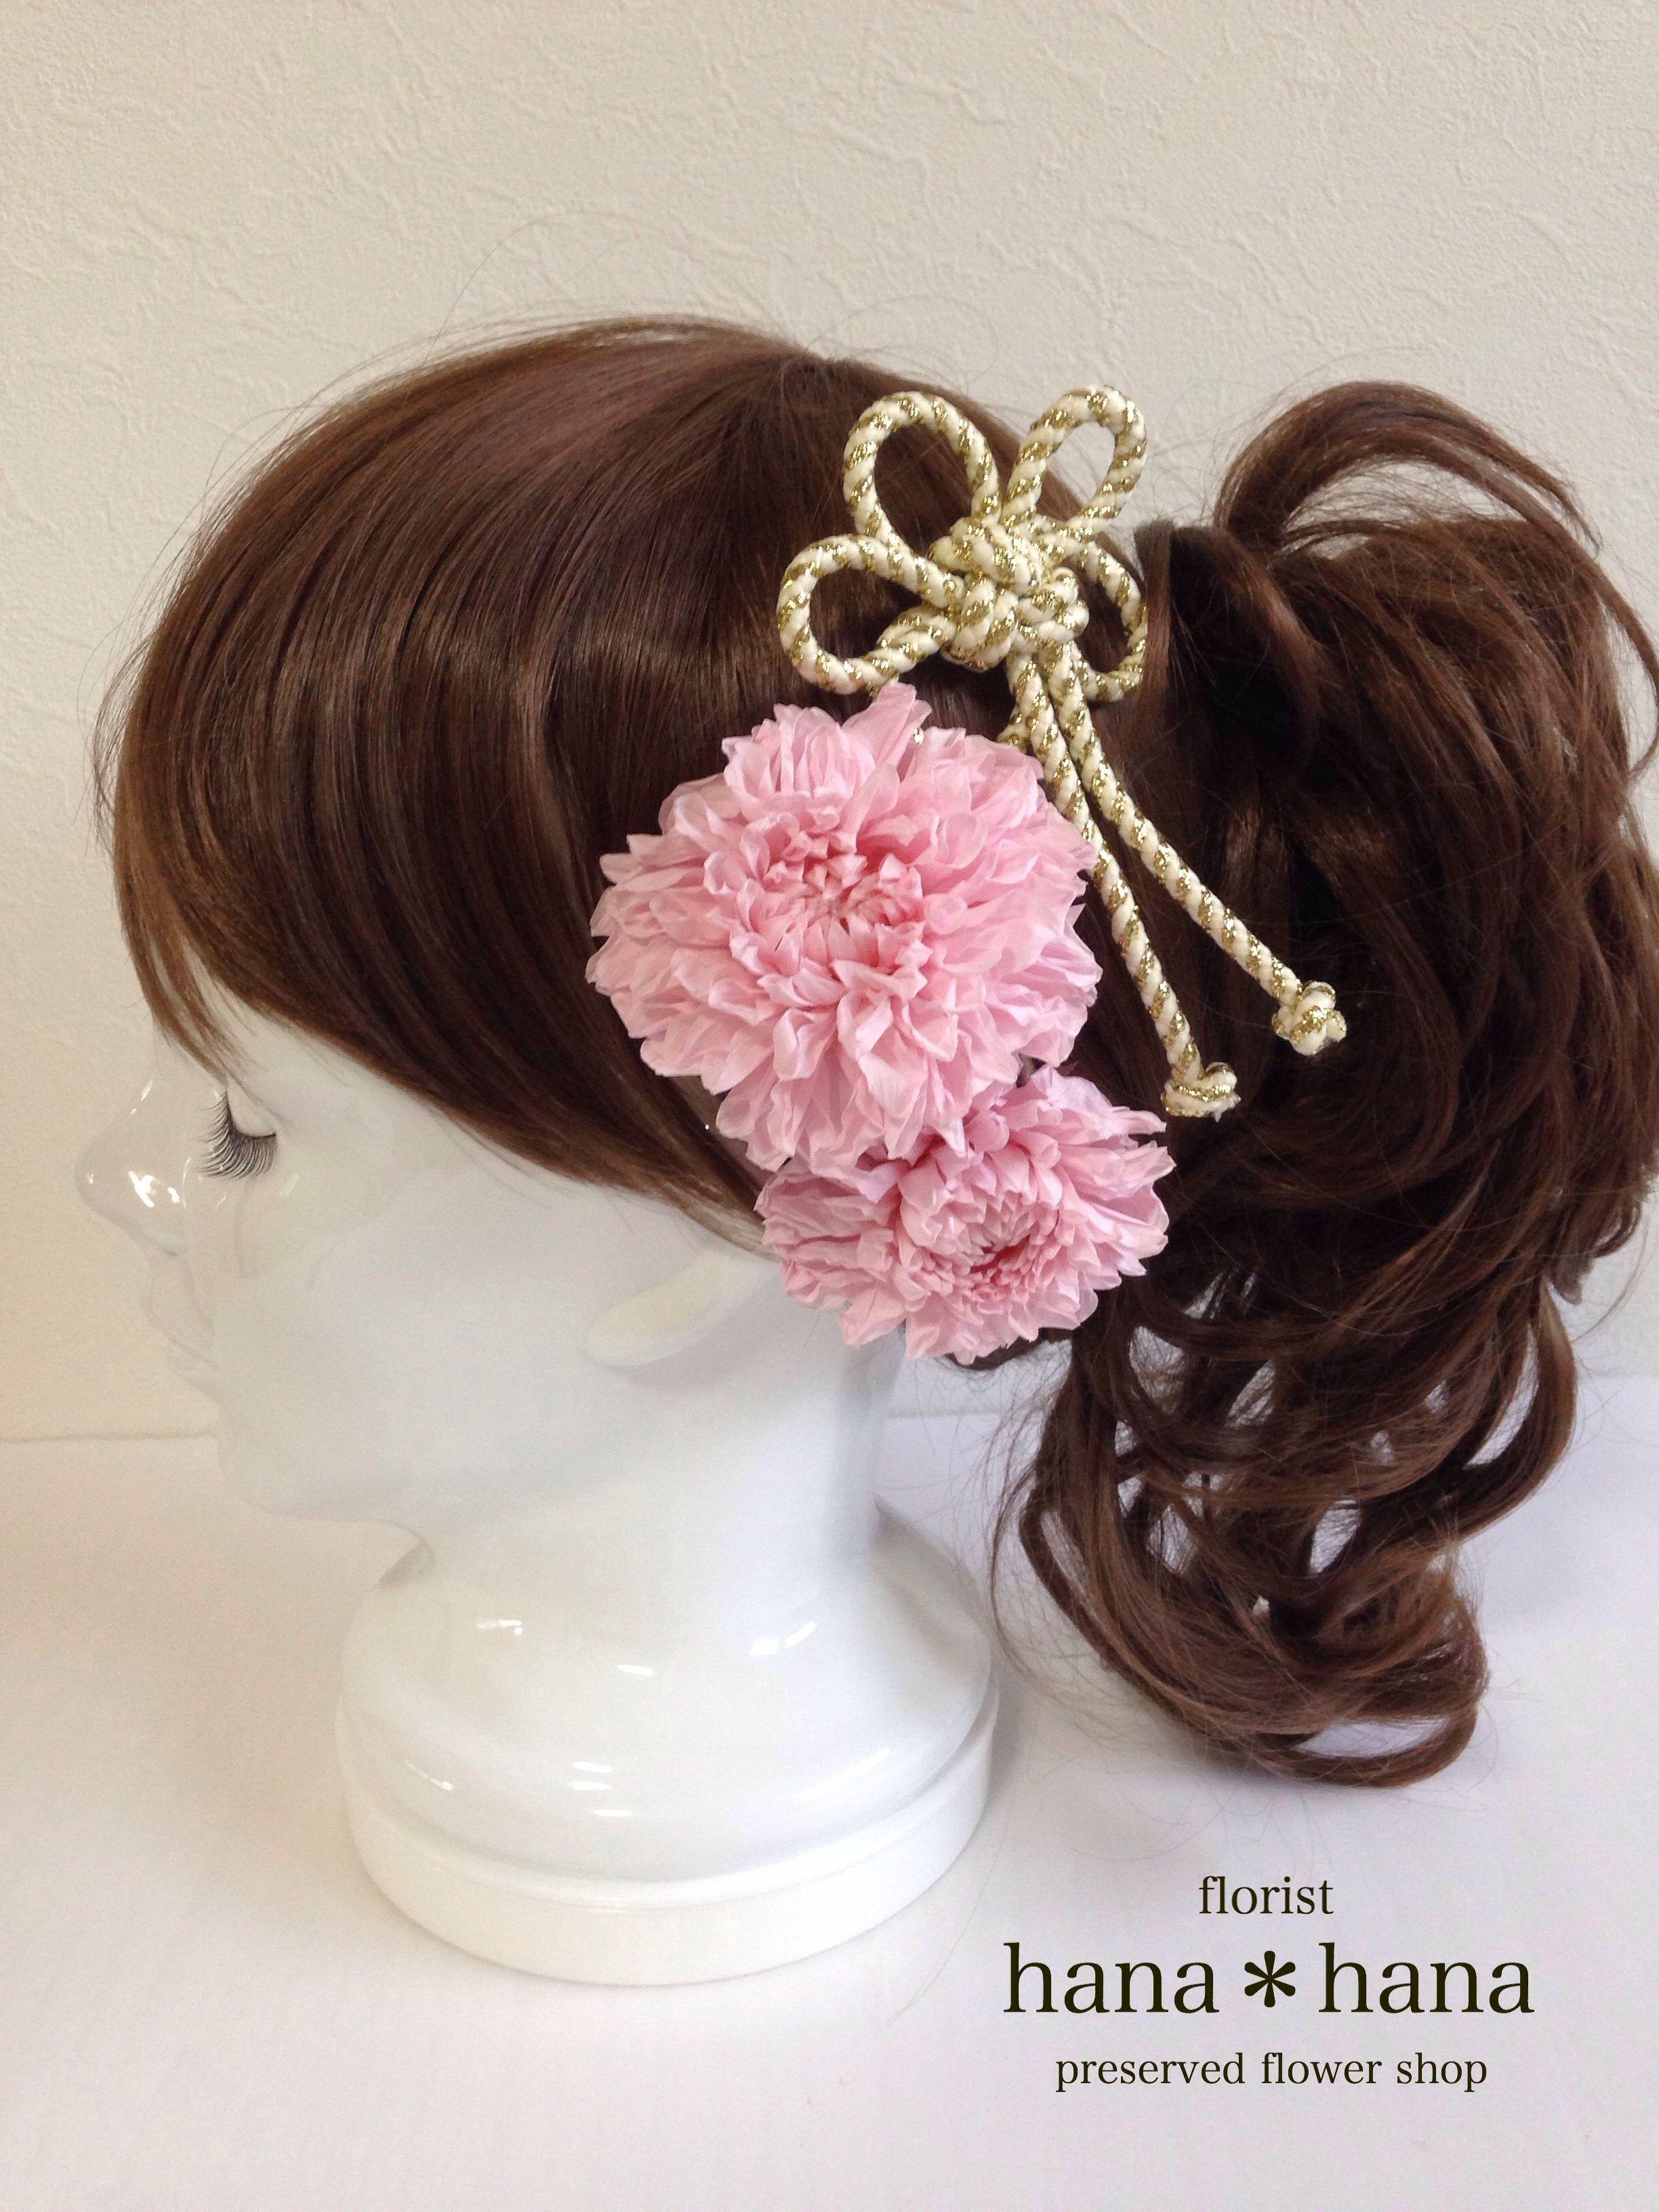 プリザーブドフラワー 髪飾り(和装)